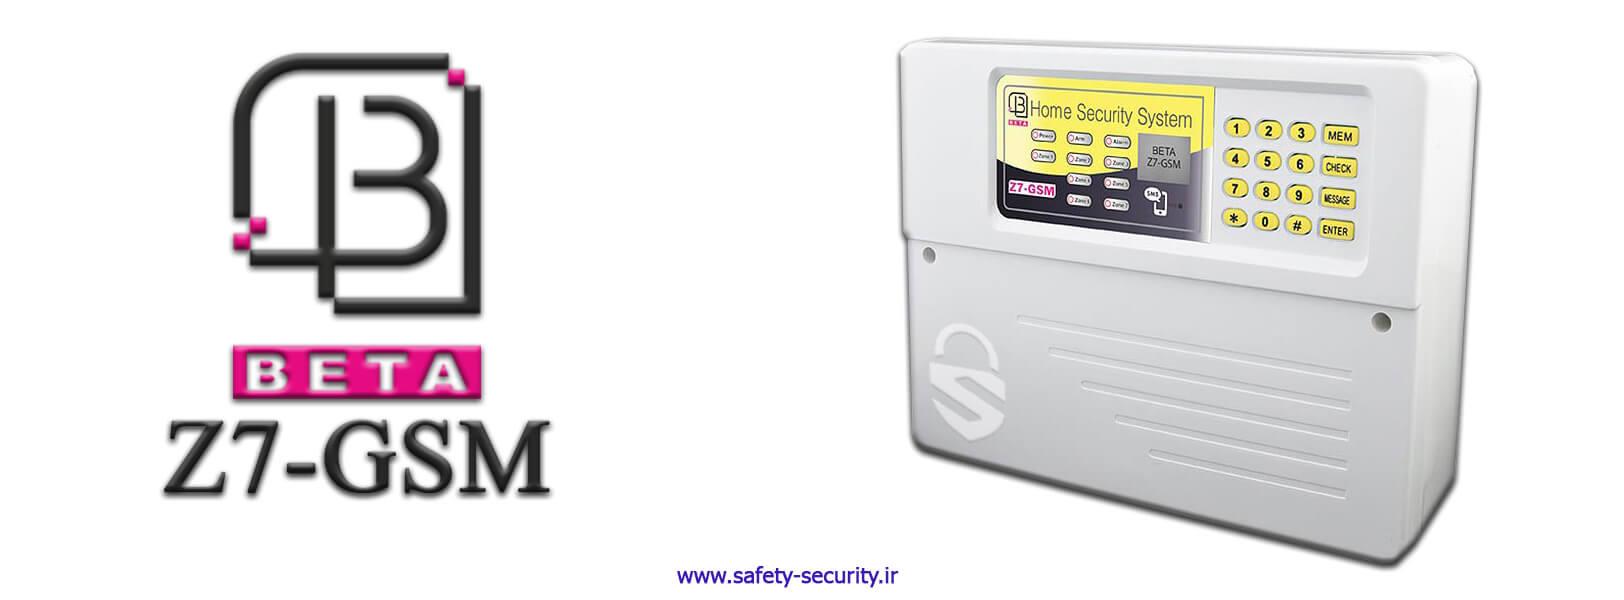 نحوه انجام تنظیمات دزدگیر اماکن بتا مدل Z7-GSM